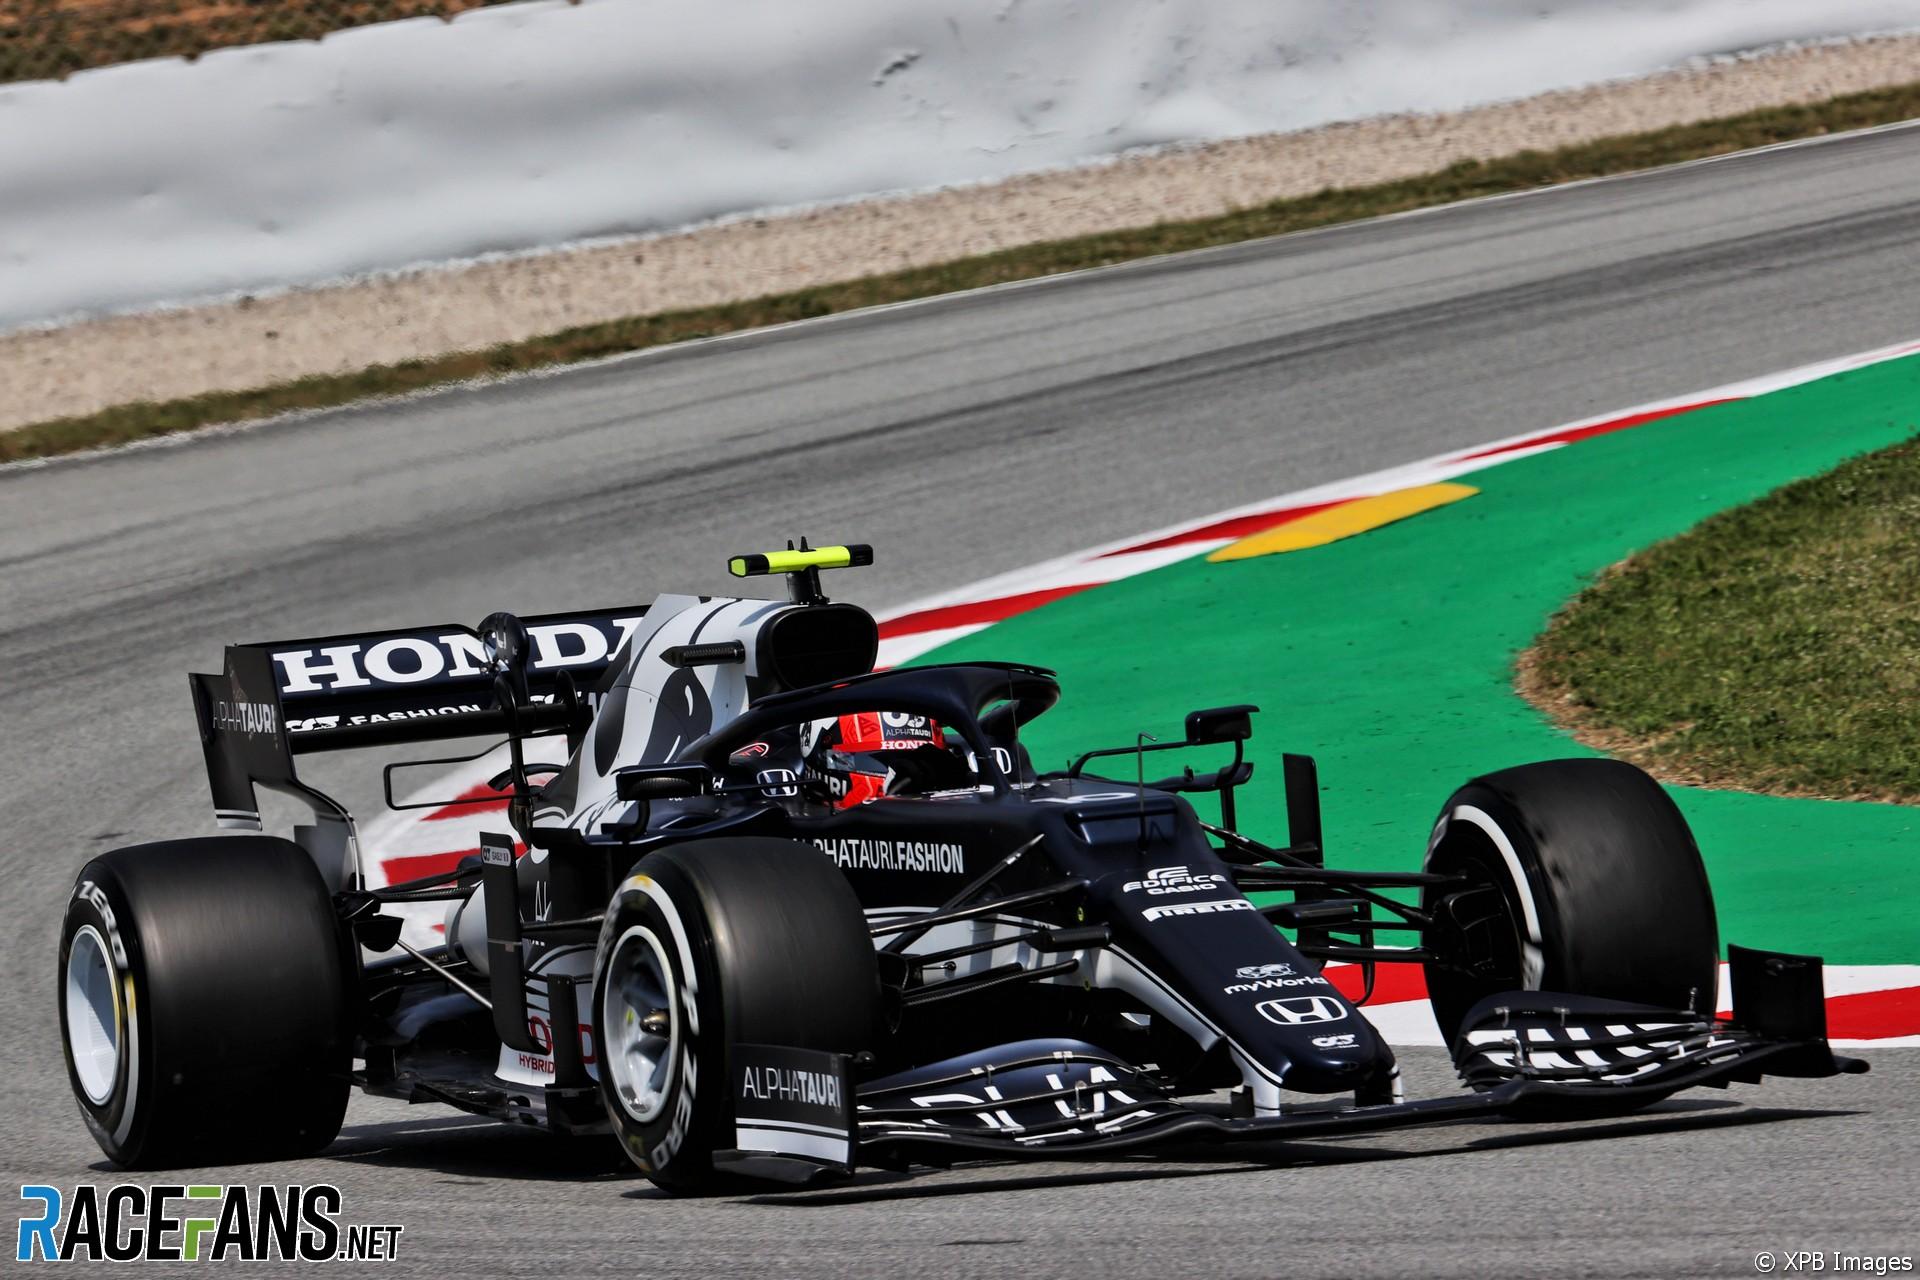 Pierre Gasly, AlphaTauri, Circuit de Catalunya, 2021